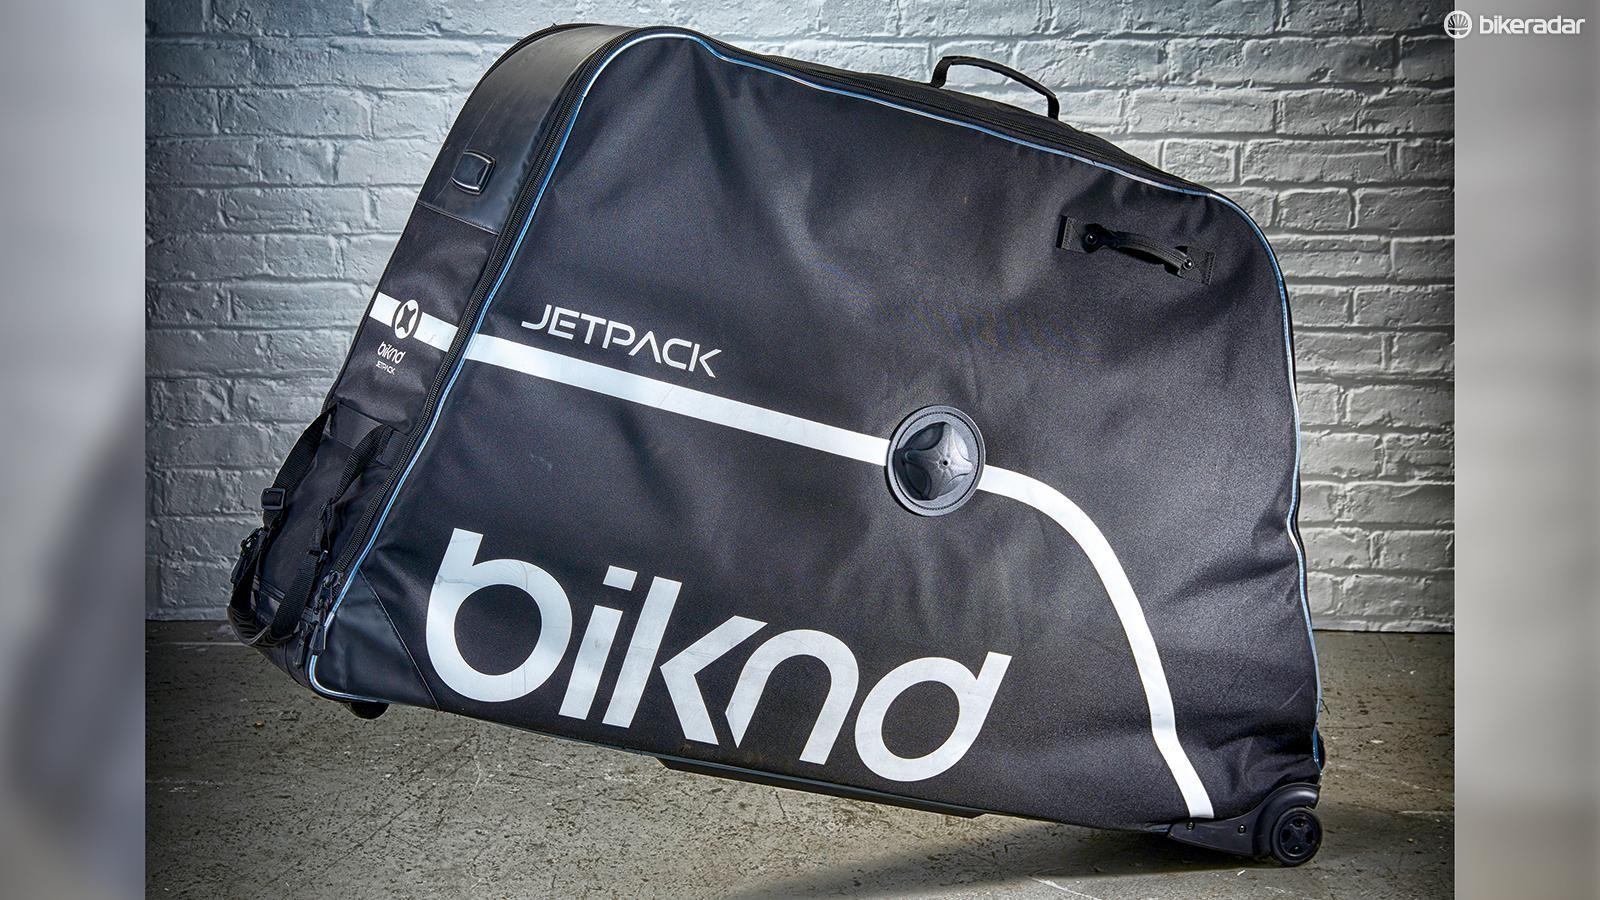 Biknd's Jetpack Bike Bag